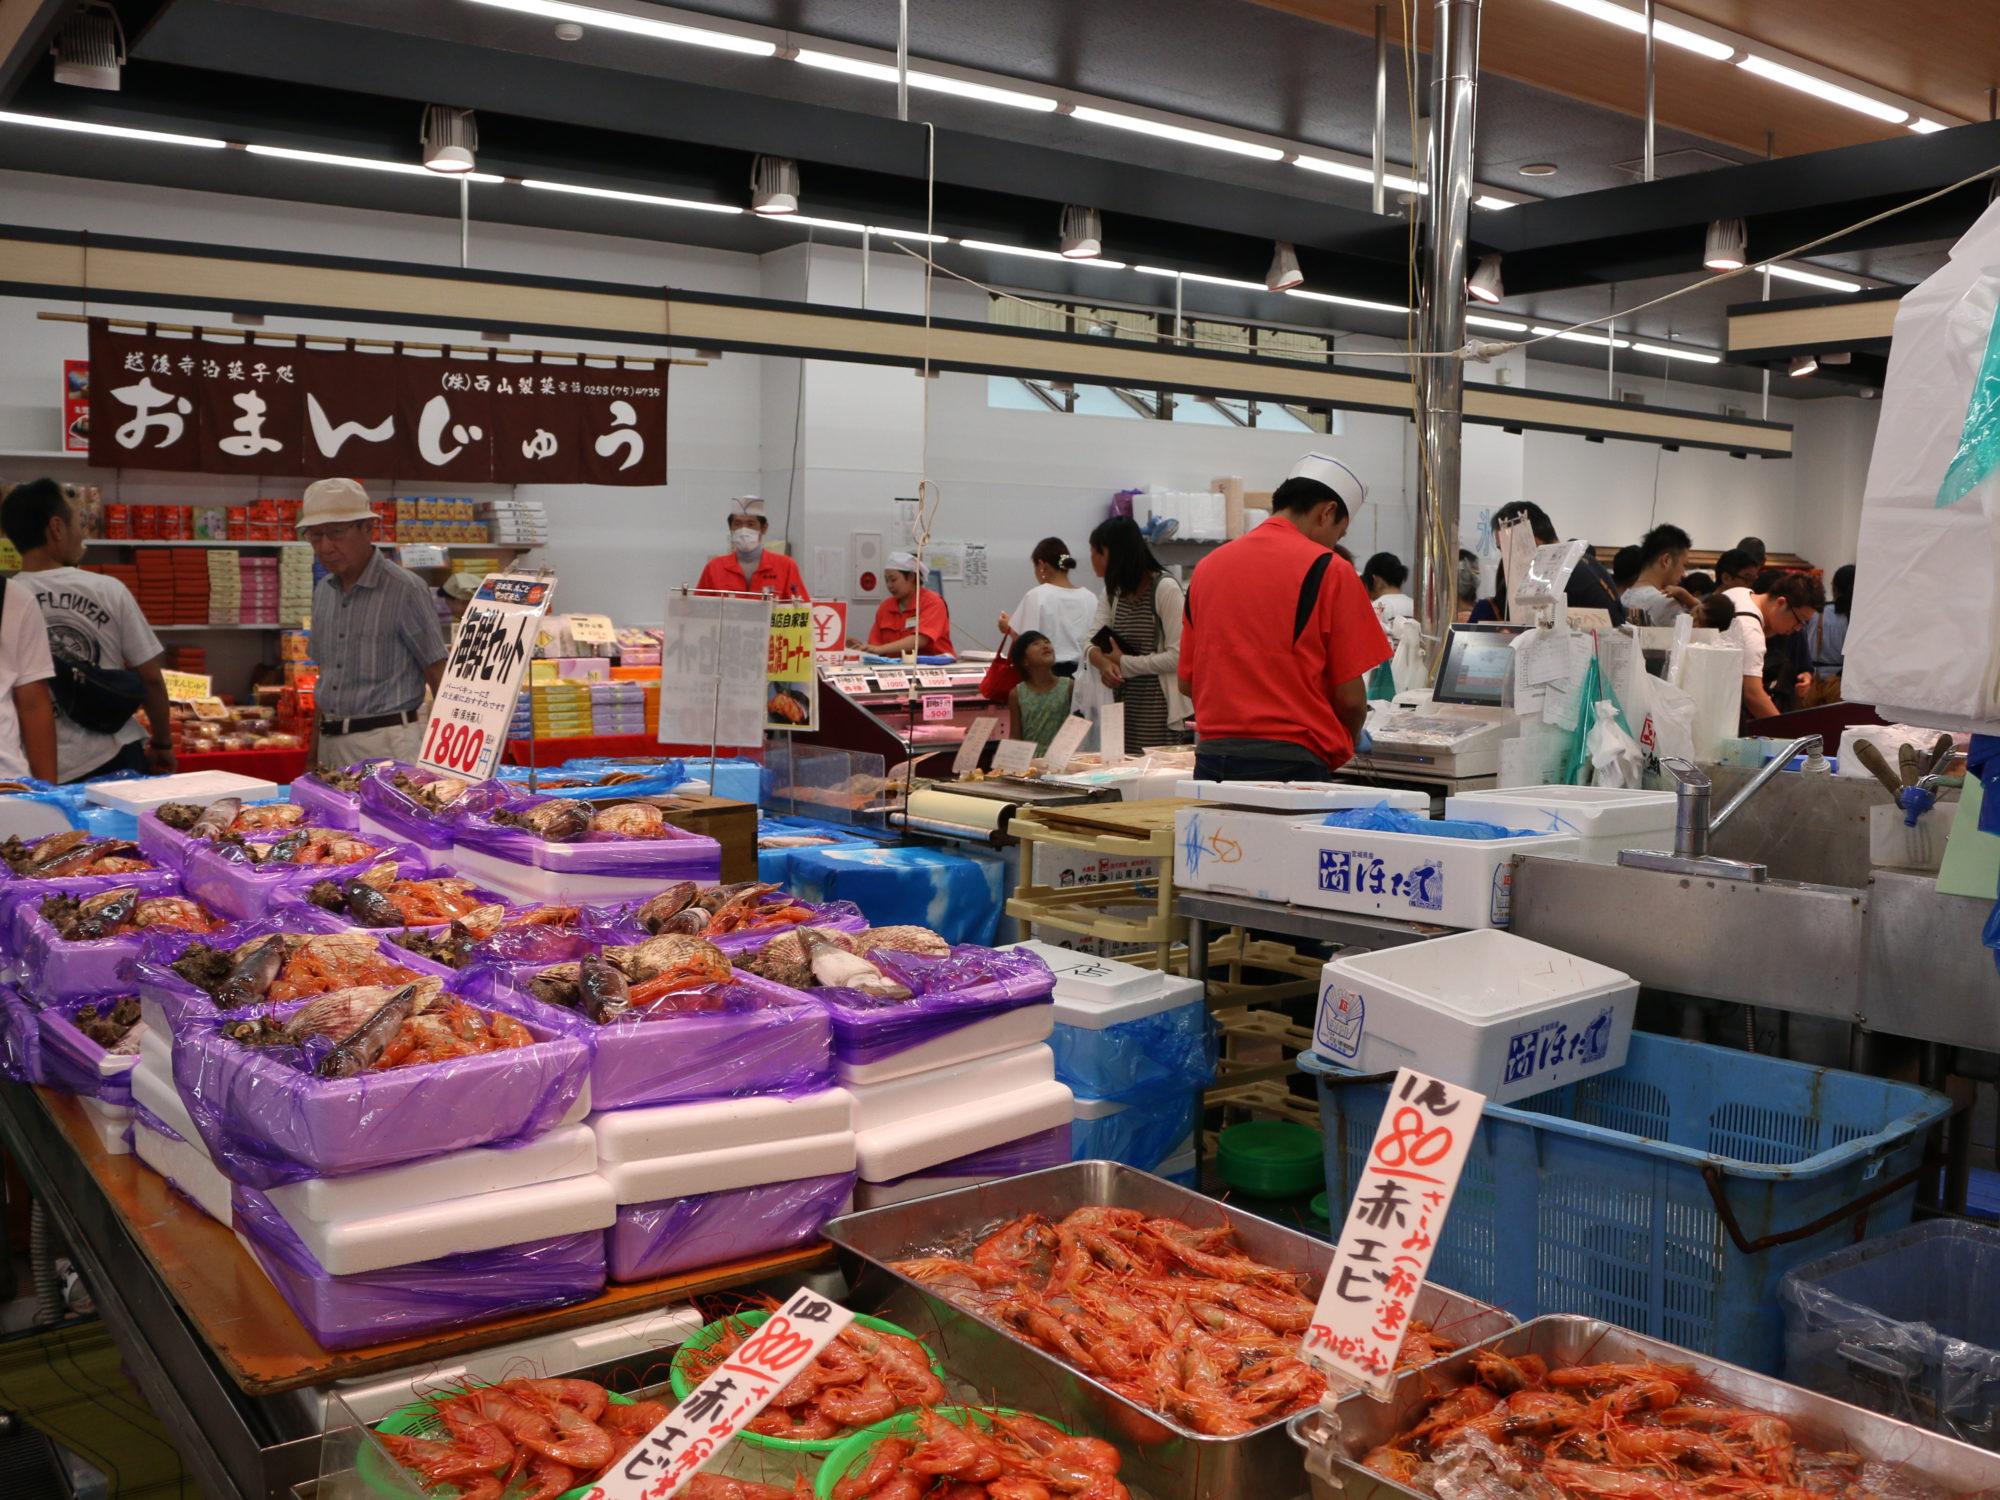 弥彦神社と寺泊魚の市場通りで買い出し〜お盆休み 人情あふれた新潟旅!その12〜